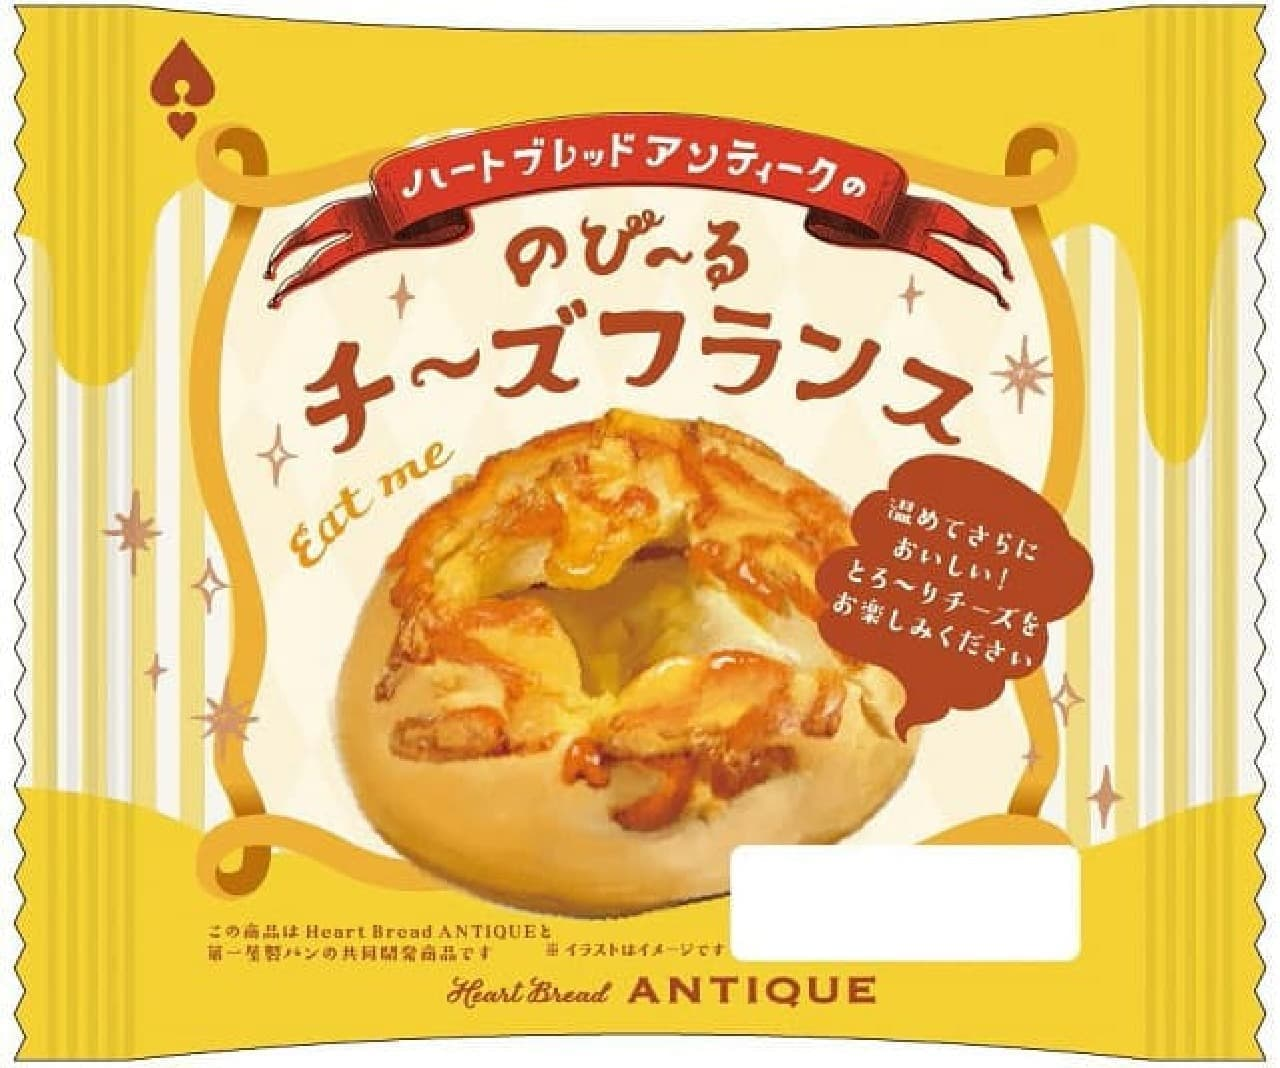 第一パン「ハートブレッドアンティークの のびーるチーズフランス」